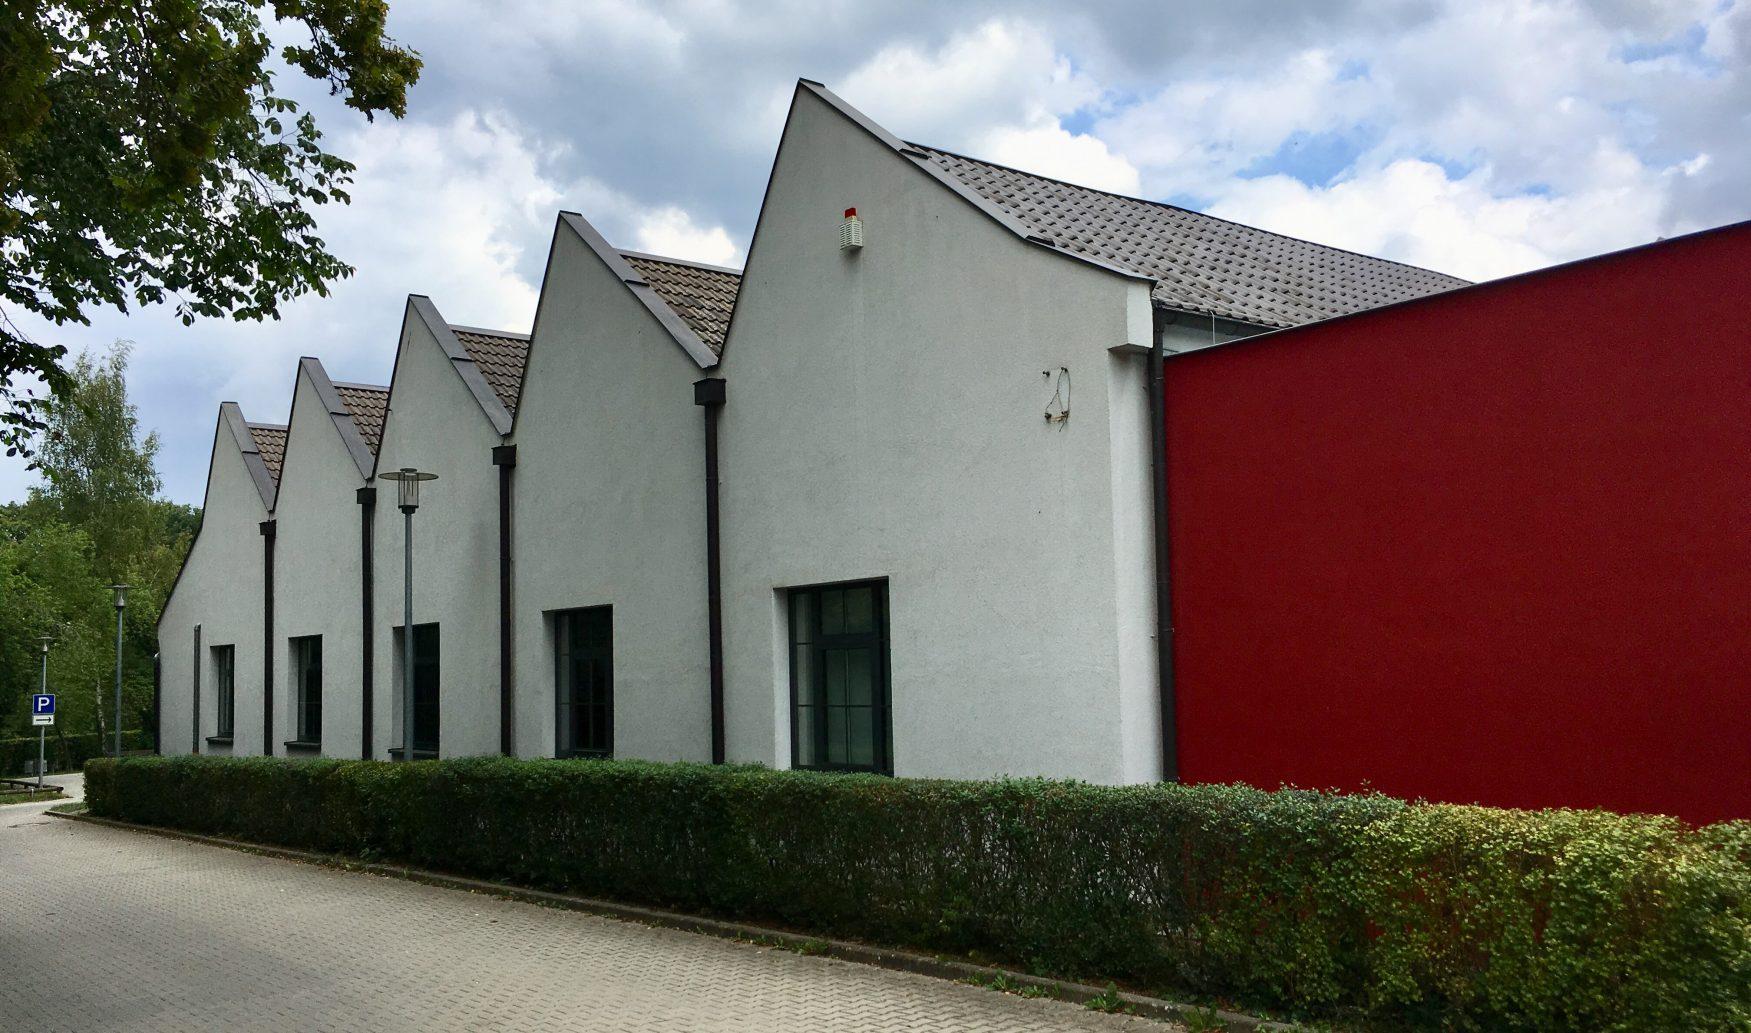 """Blick auf das Fabrikgebäude """"Obere Mühle 4"""", in dem sich das Fabrikmuseum Roth befindet, Foto: Weirauch"""